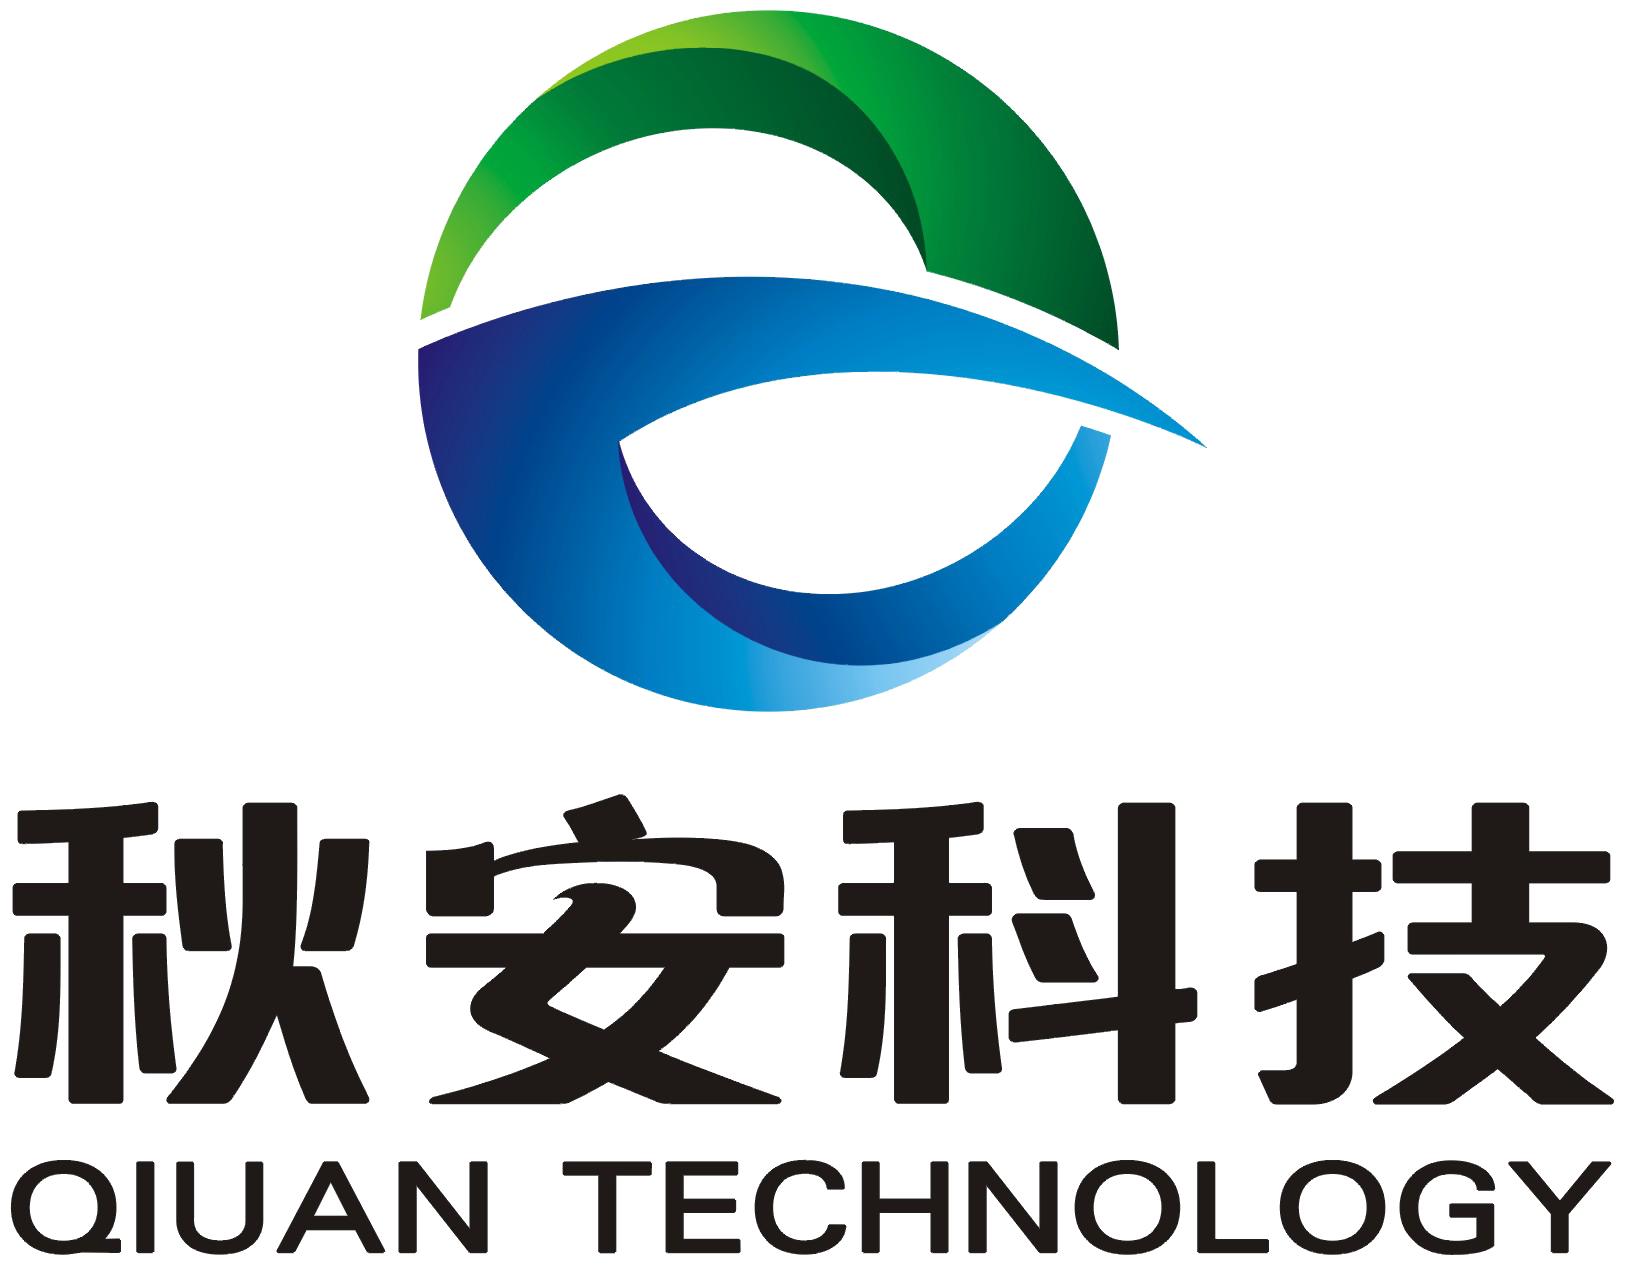 重庆秋安科技有限公司_联英人才网_hrm.cn